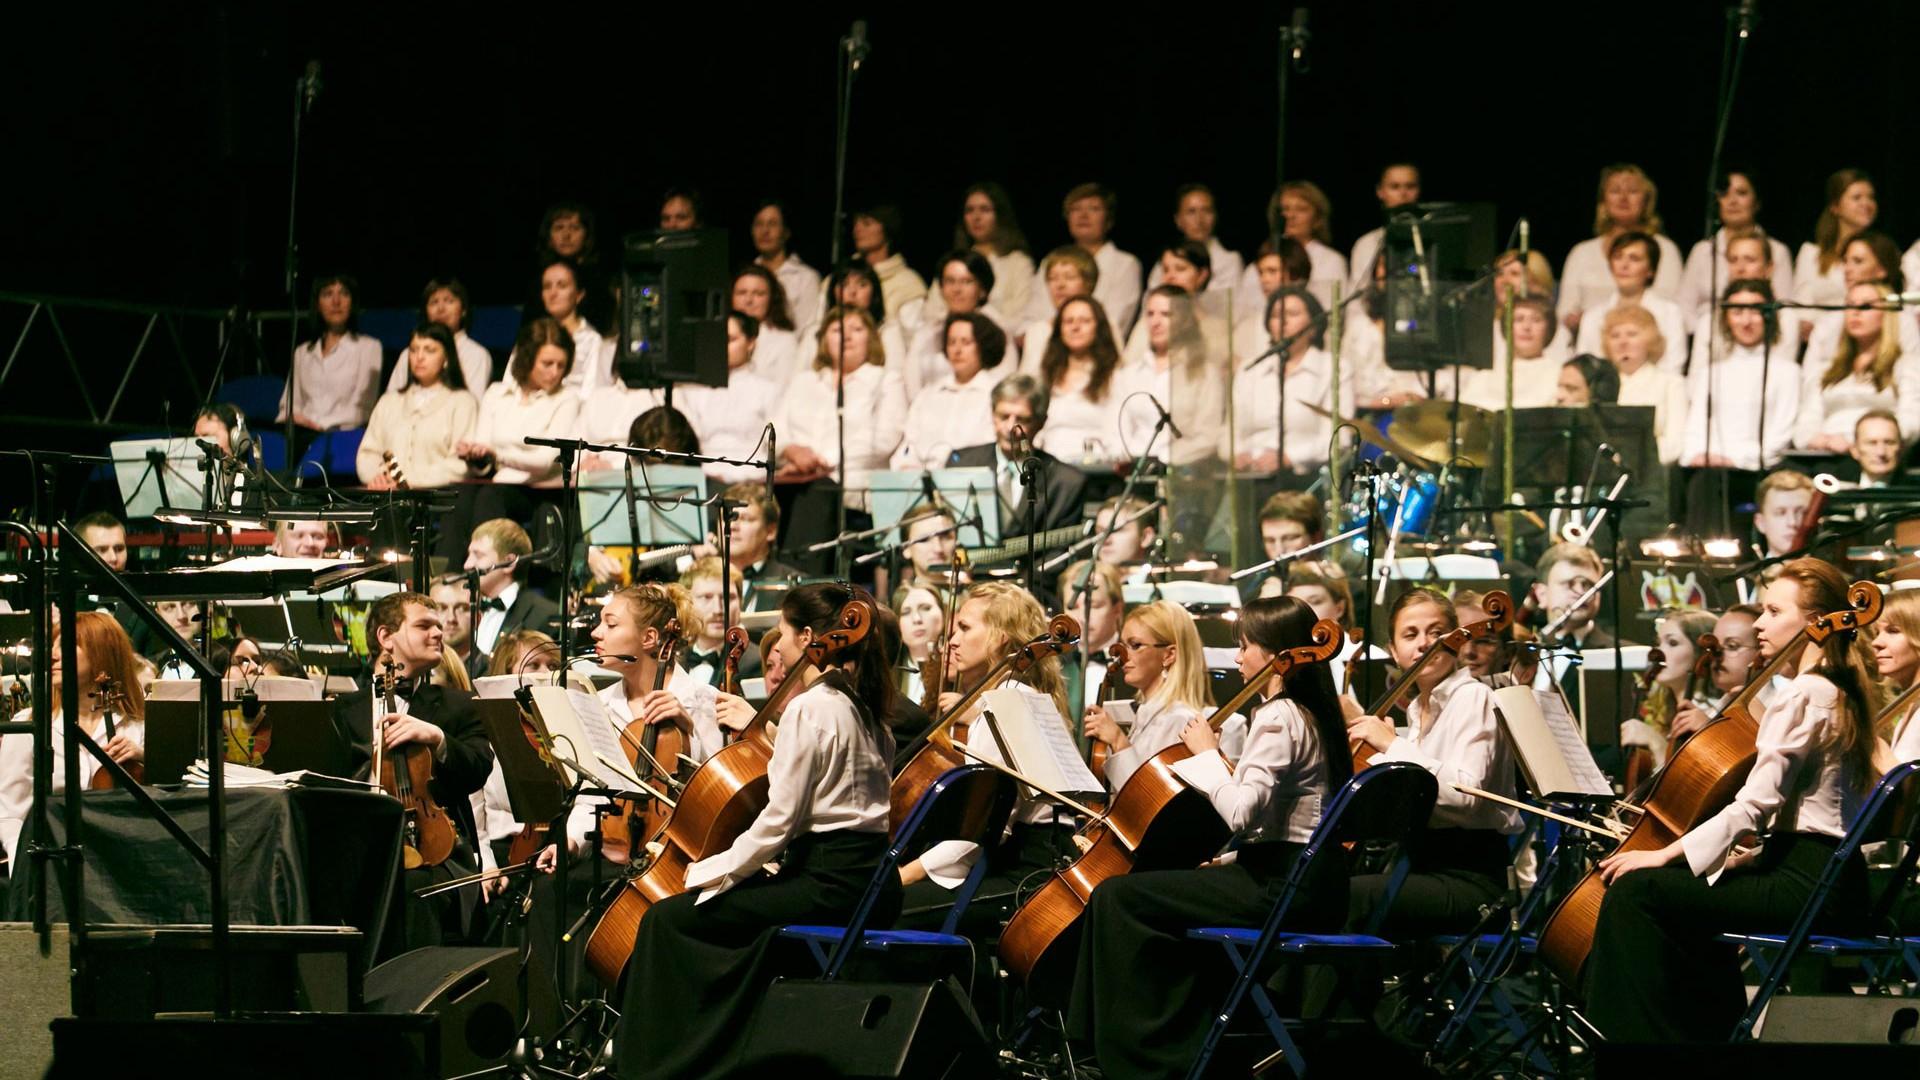 presidentorchestra2-2016